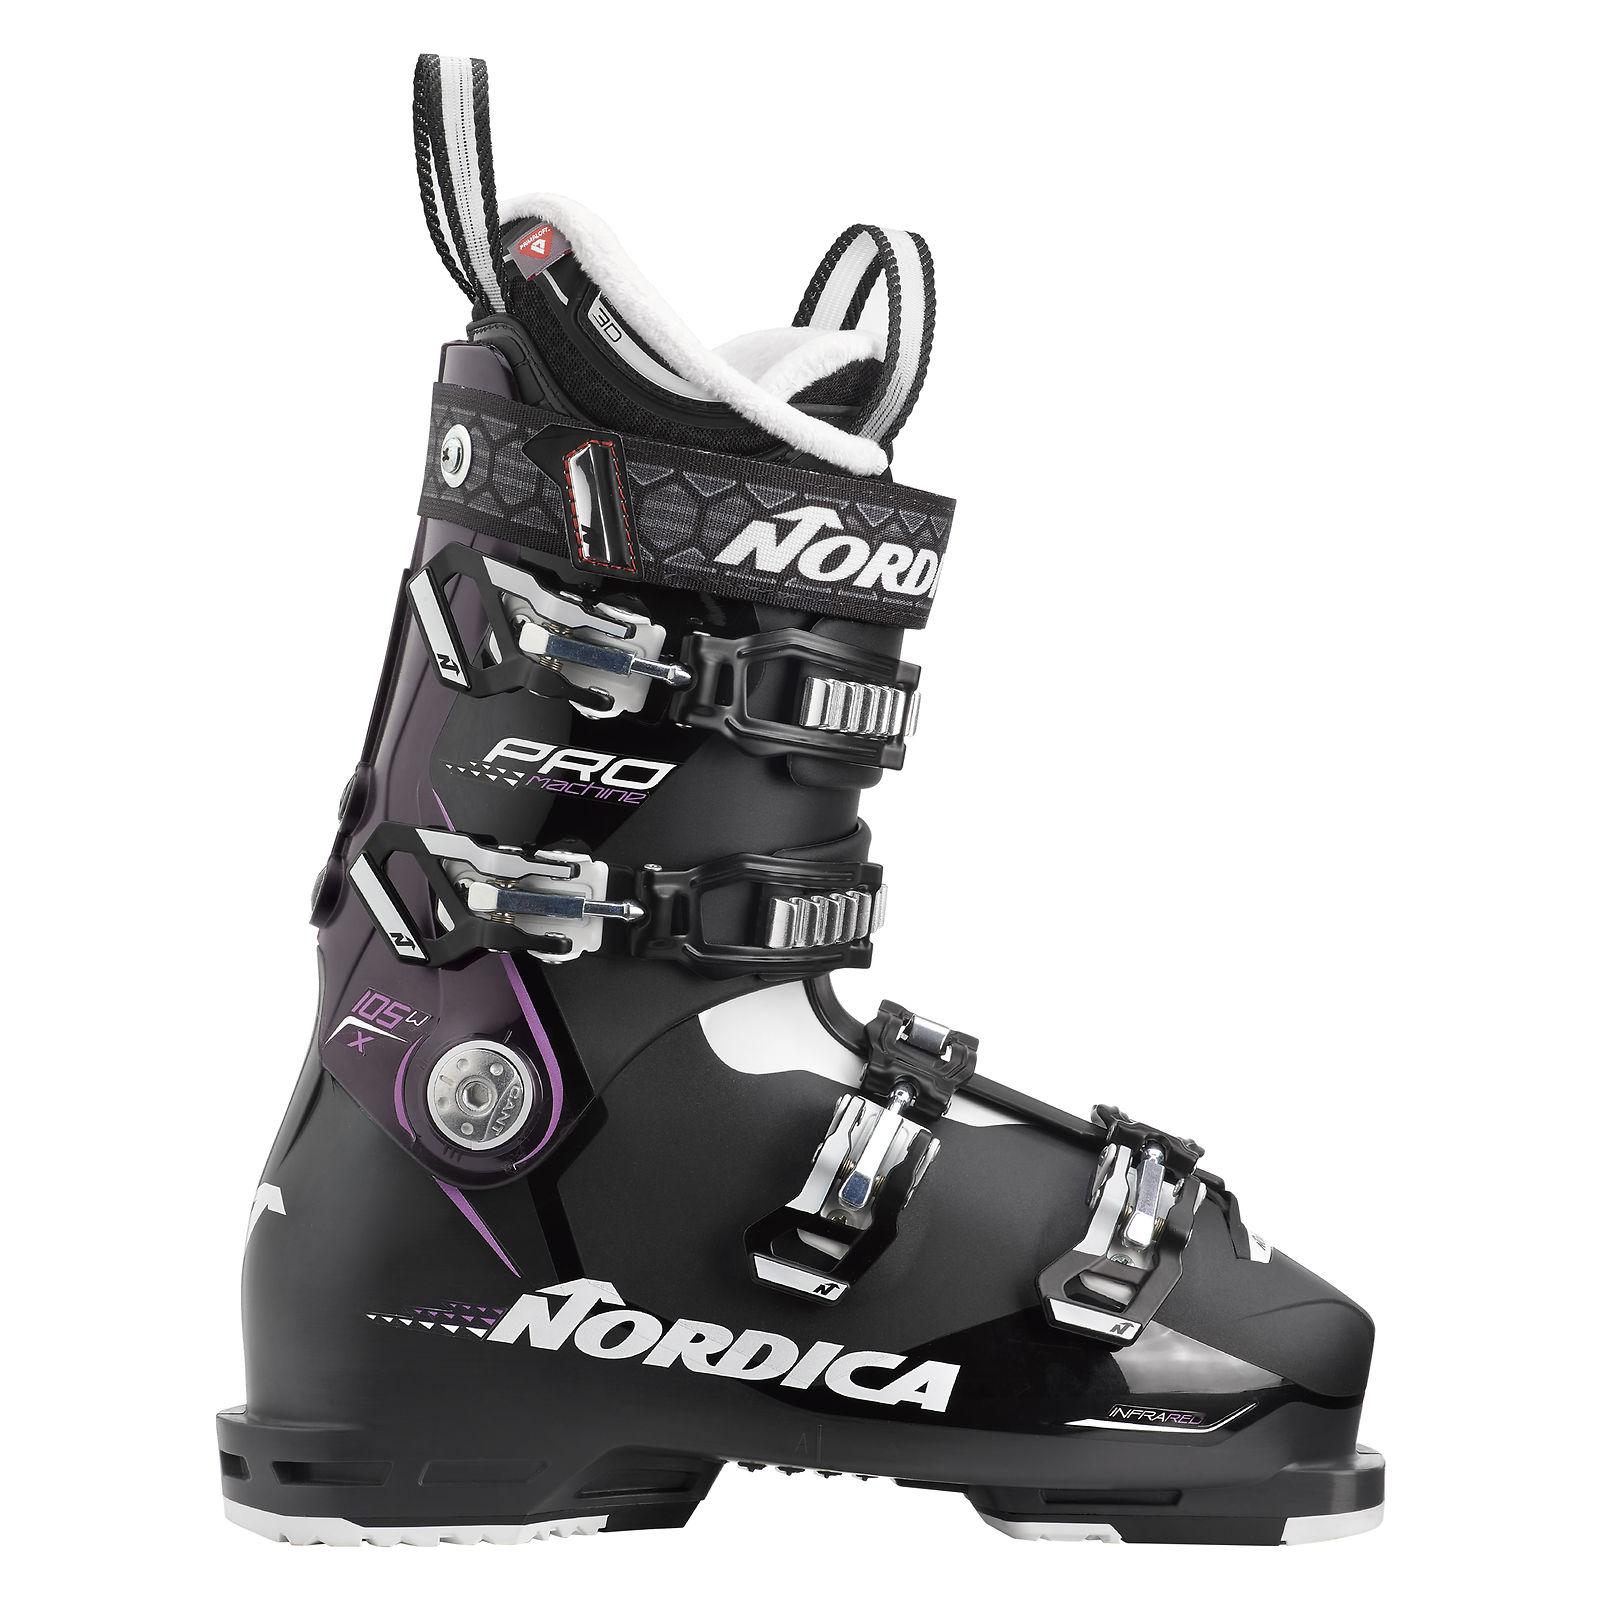 Buty narciarskie damskie Nordica Promachine 105 W F105